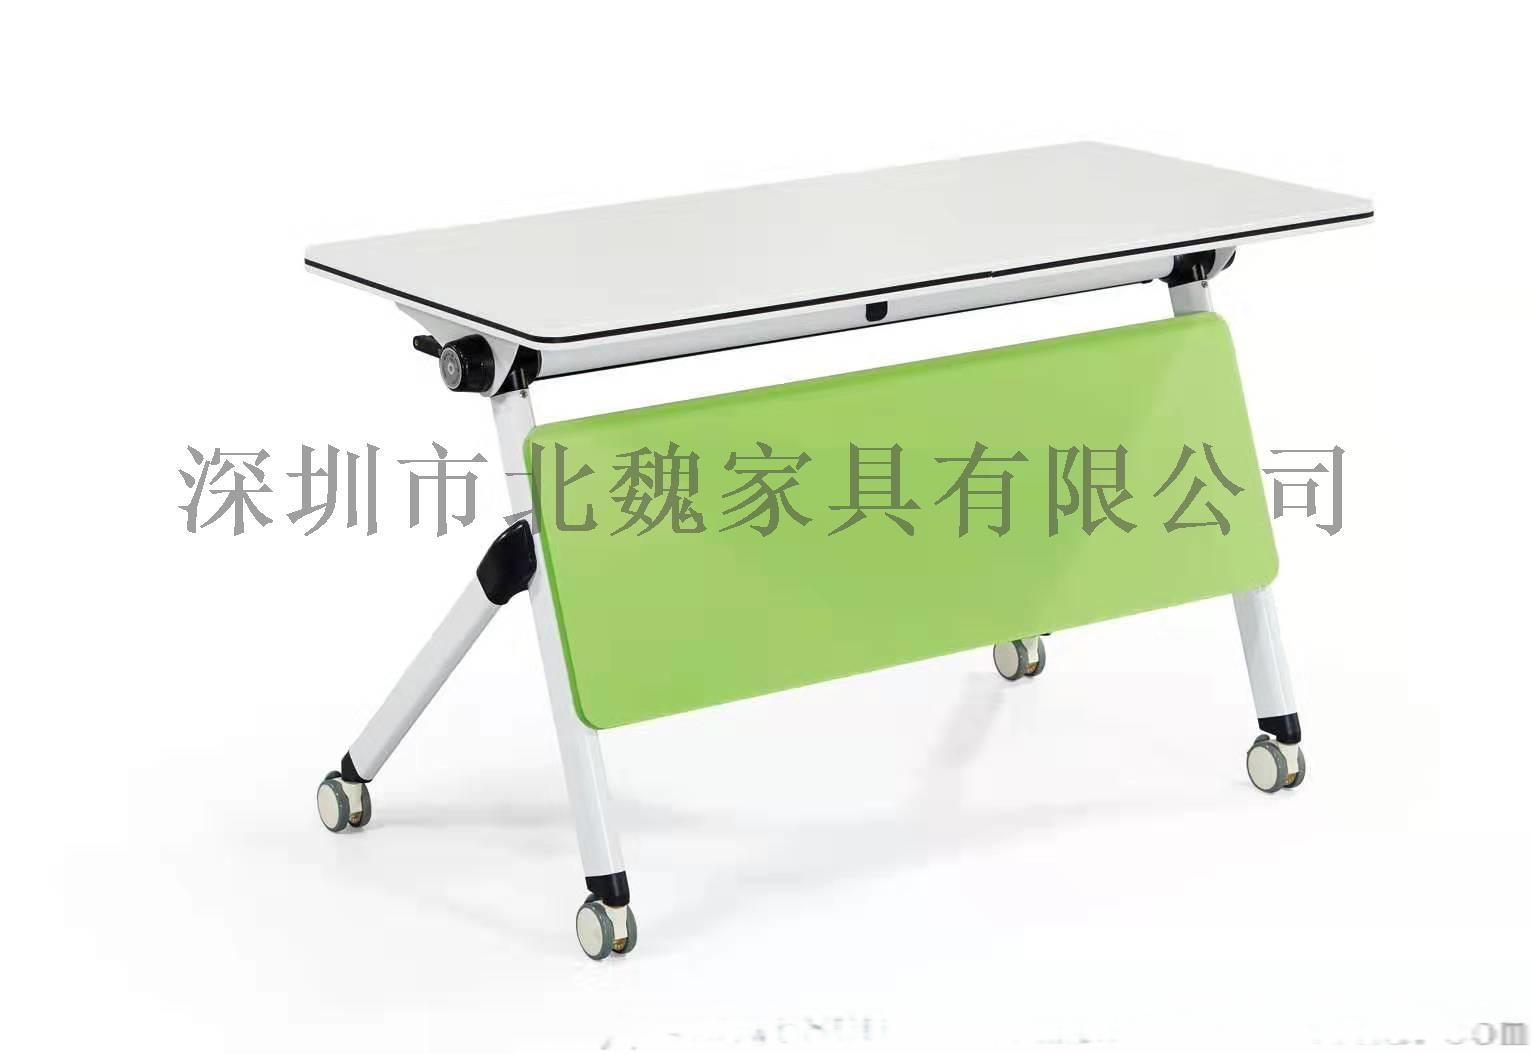 培训班折叠桌椅-员工折叠培训桌椅-可移动培训桌椅123205335